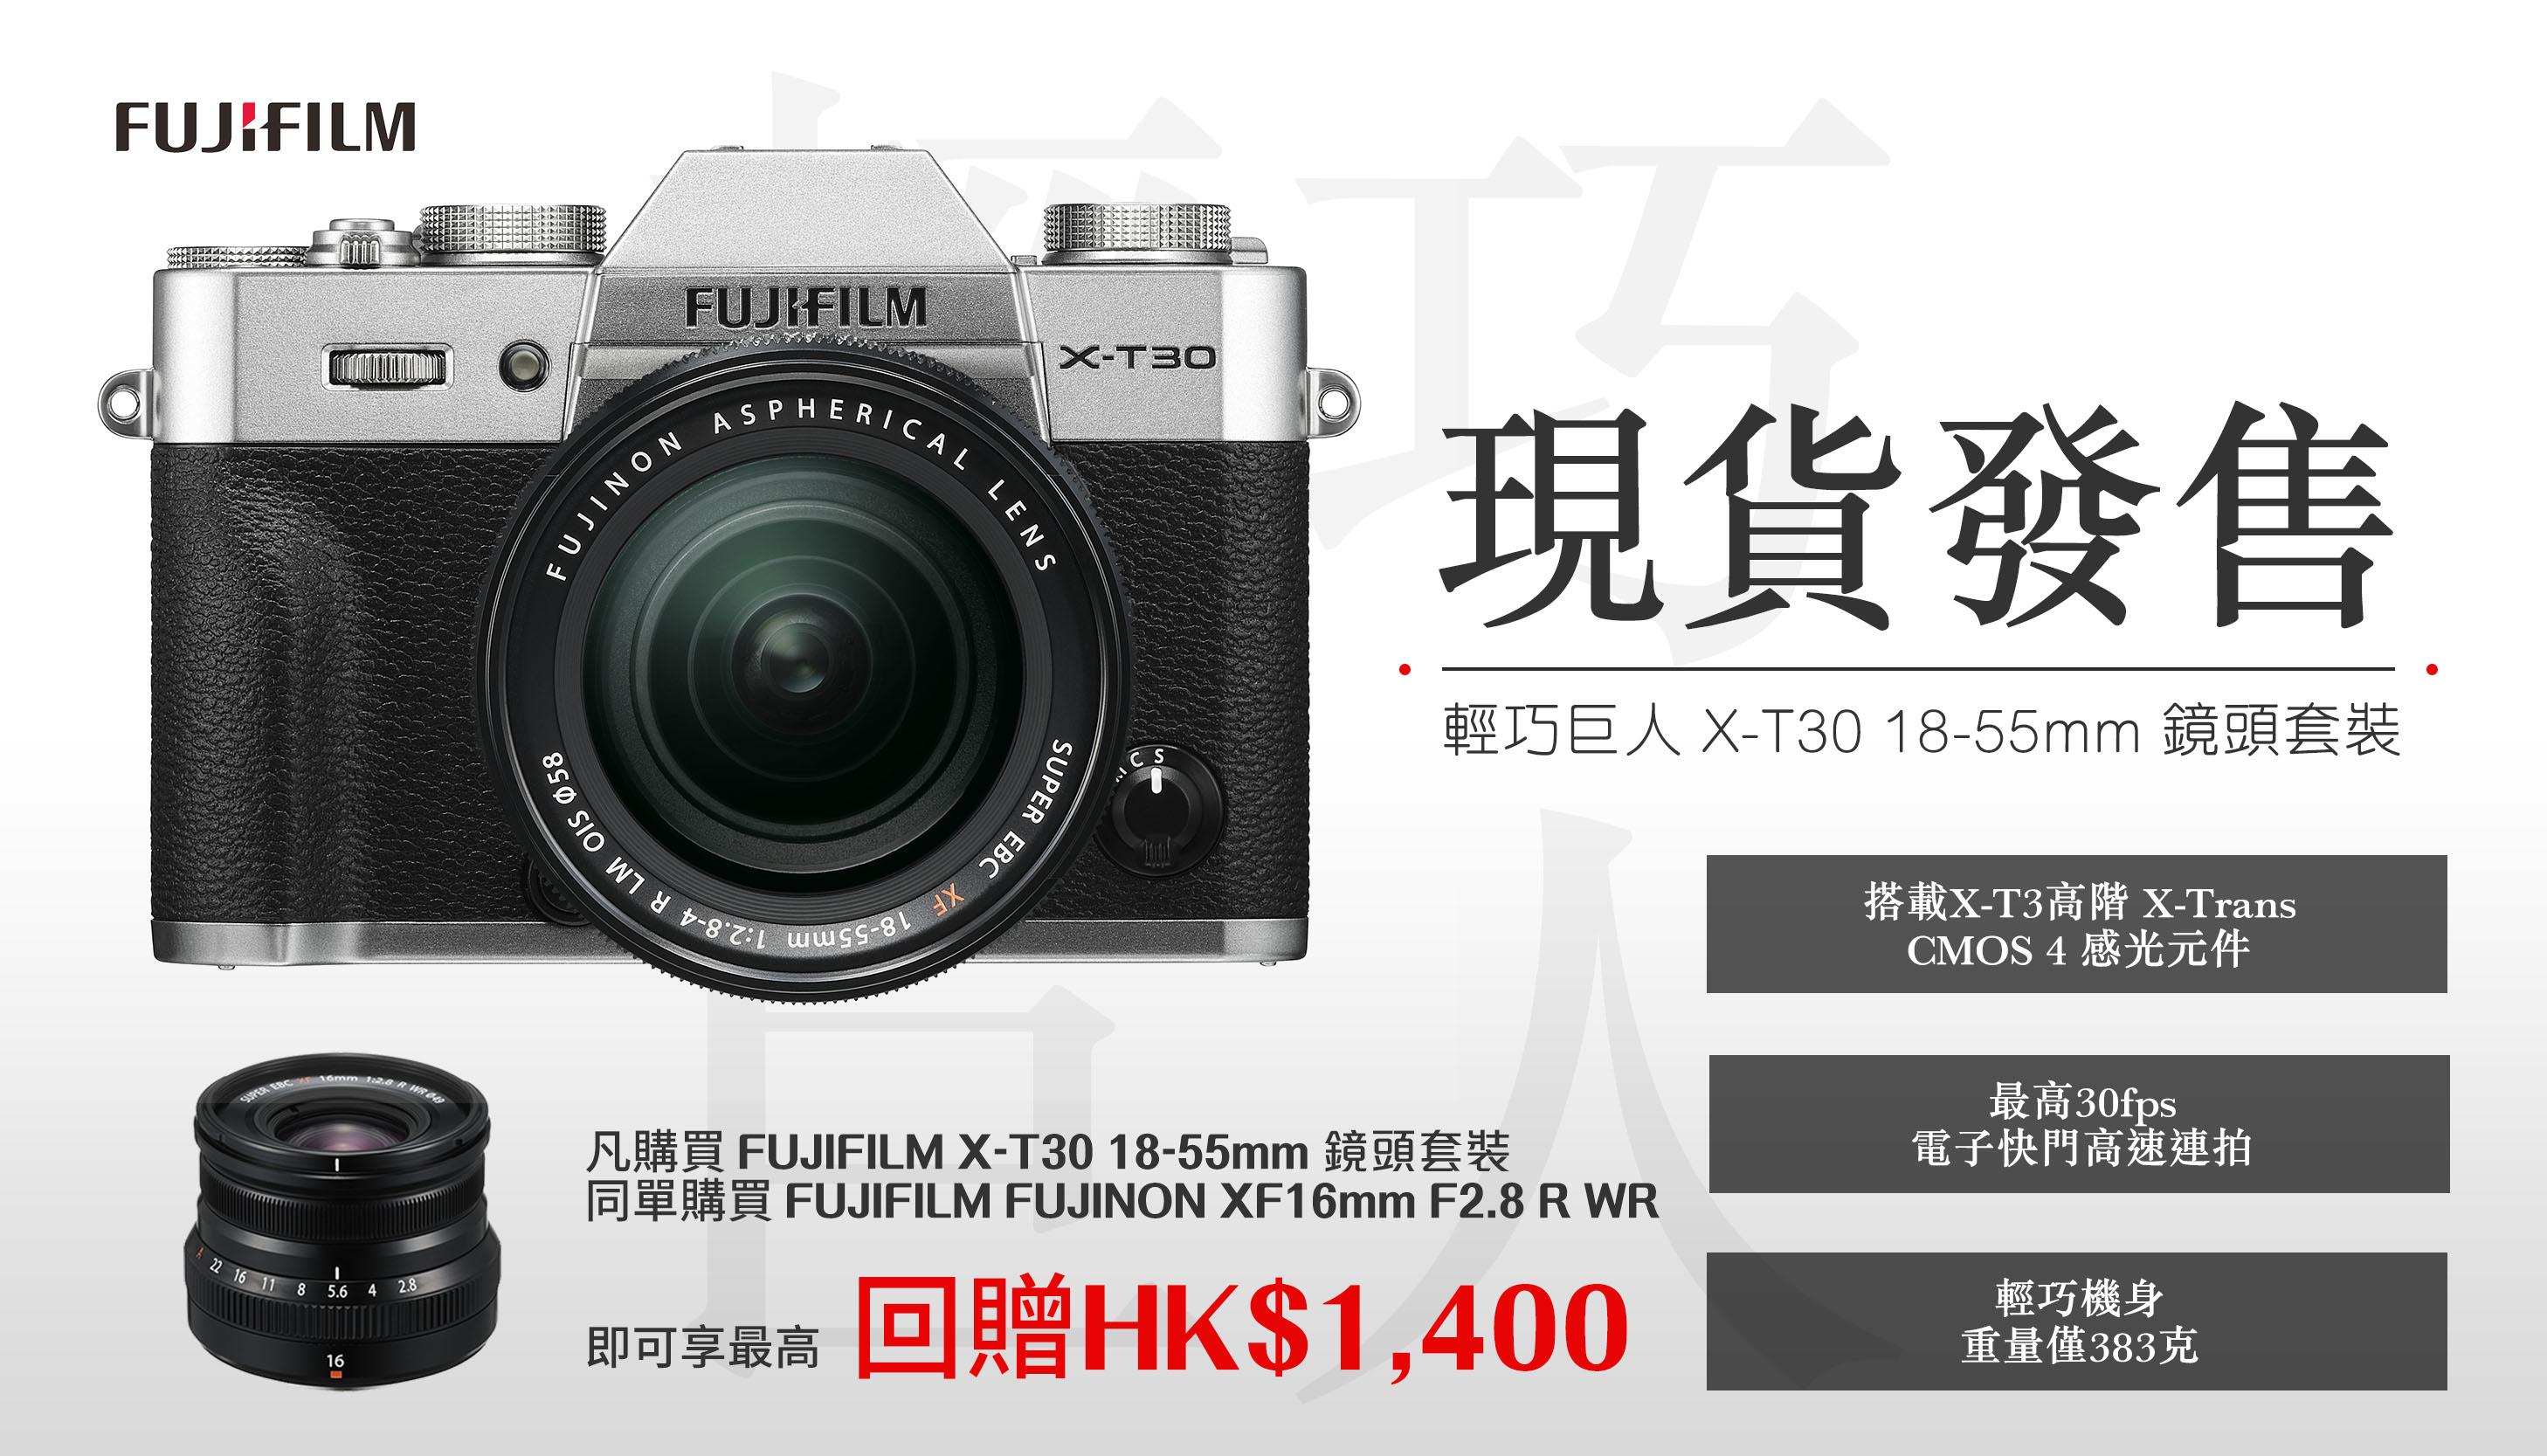 fujifilm, xt30, x-t30, evil, camera